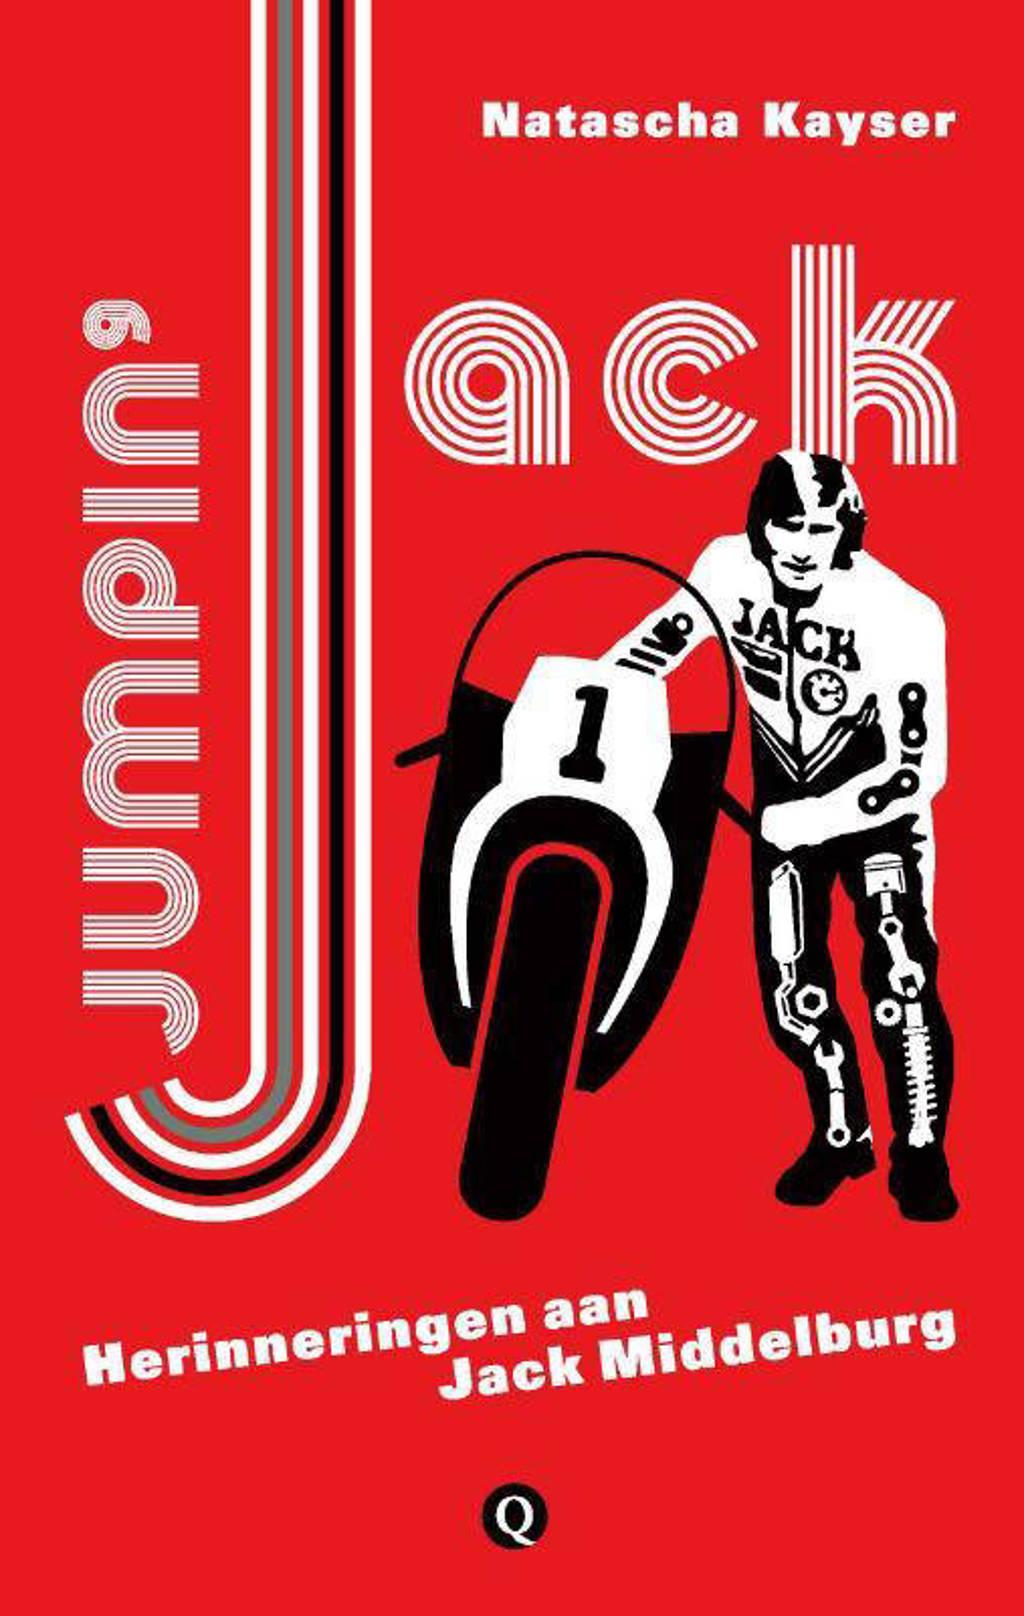 Jumping Jack - Natascha Kayser